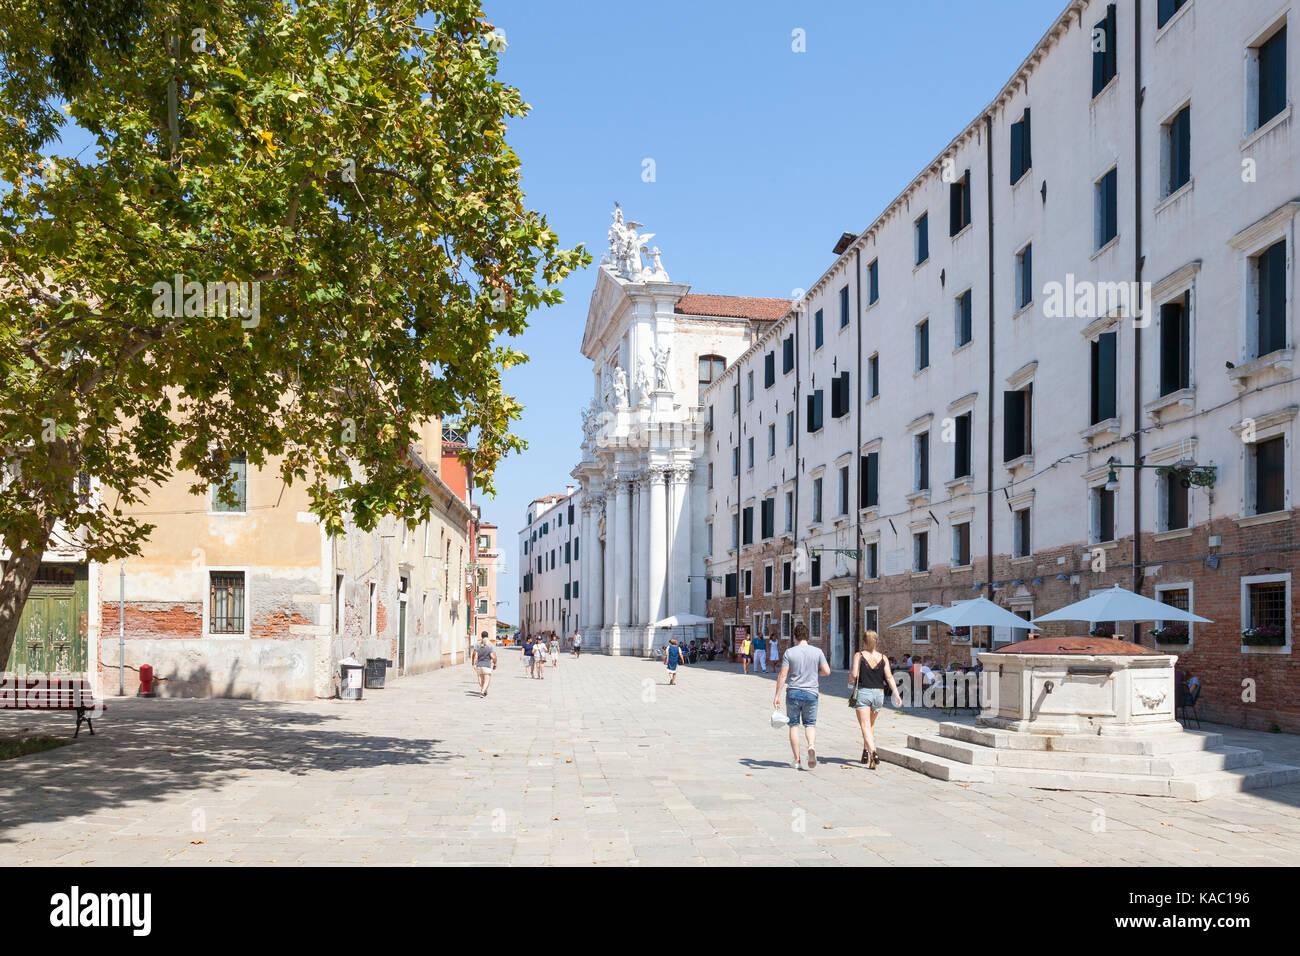 Visualizzare il Campo dei Gesuiti, Cannaregio, Venezia, Italia con pochi turisti in cammino verso i Gesuiti Chiesa Immagini Stock